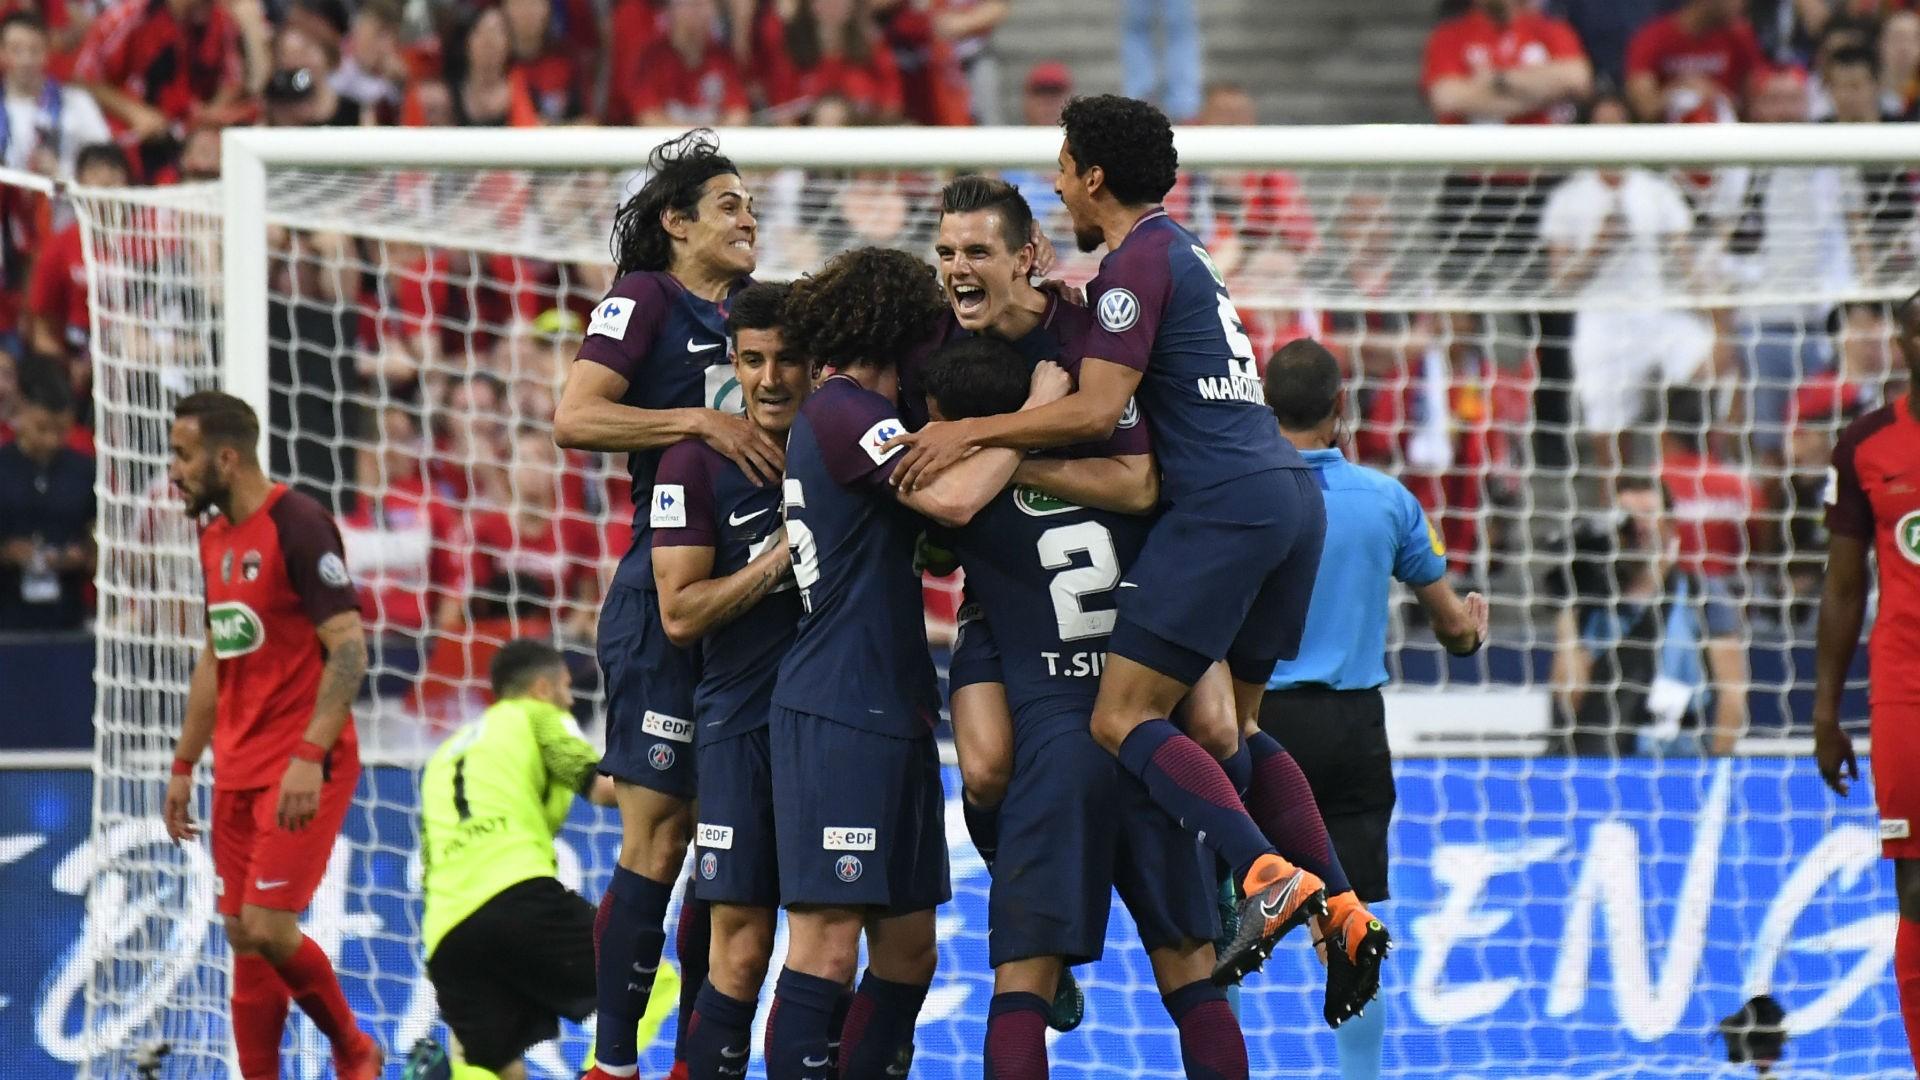 Les Herbiers 0-2 Paris Saint-Germain: Coupe de France Final